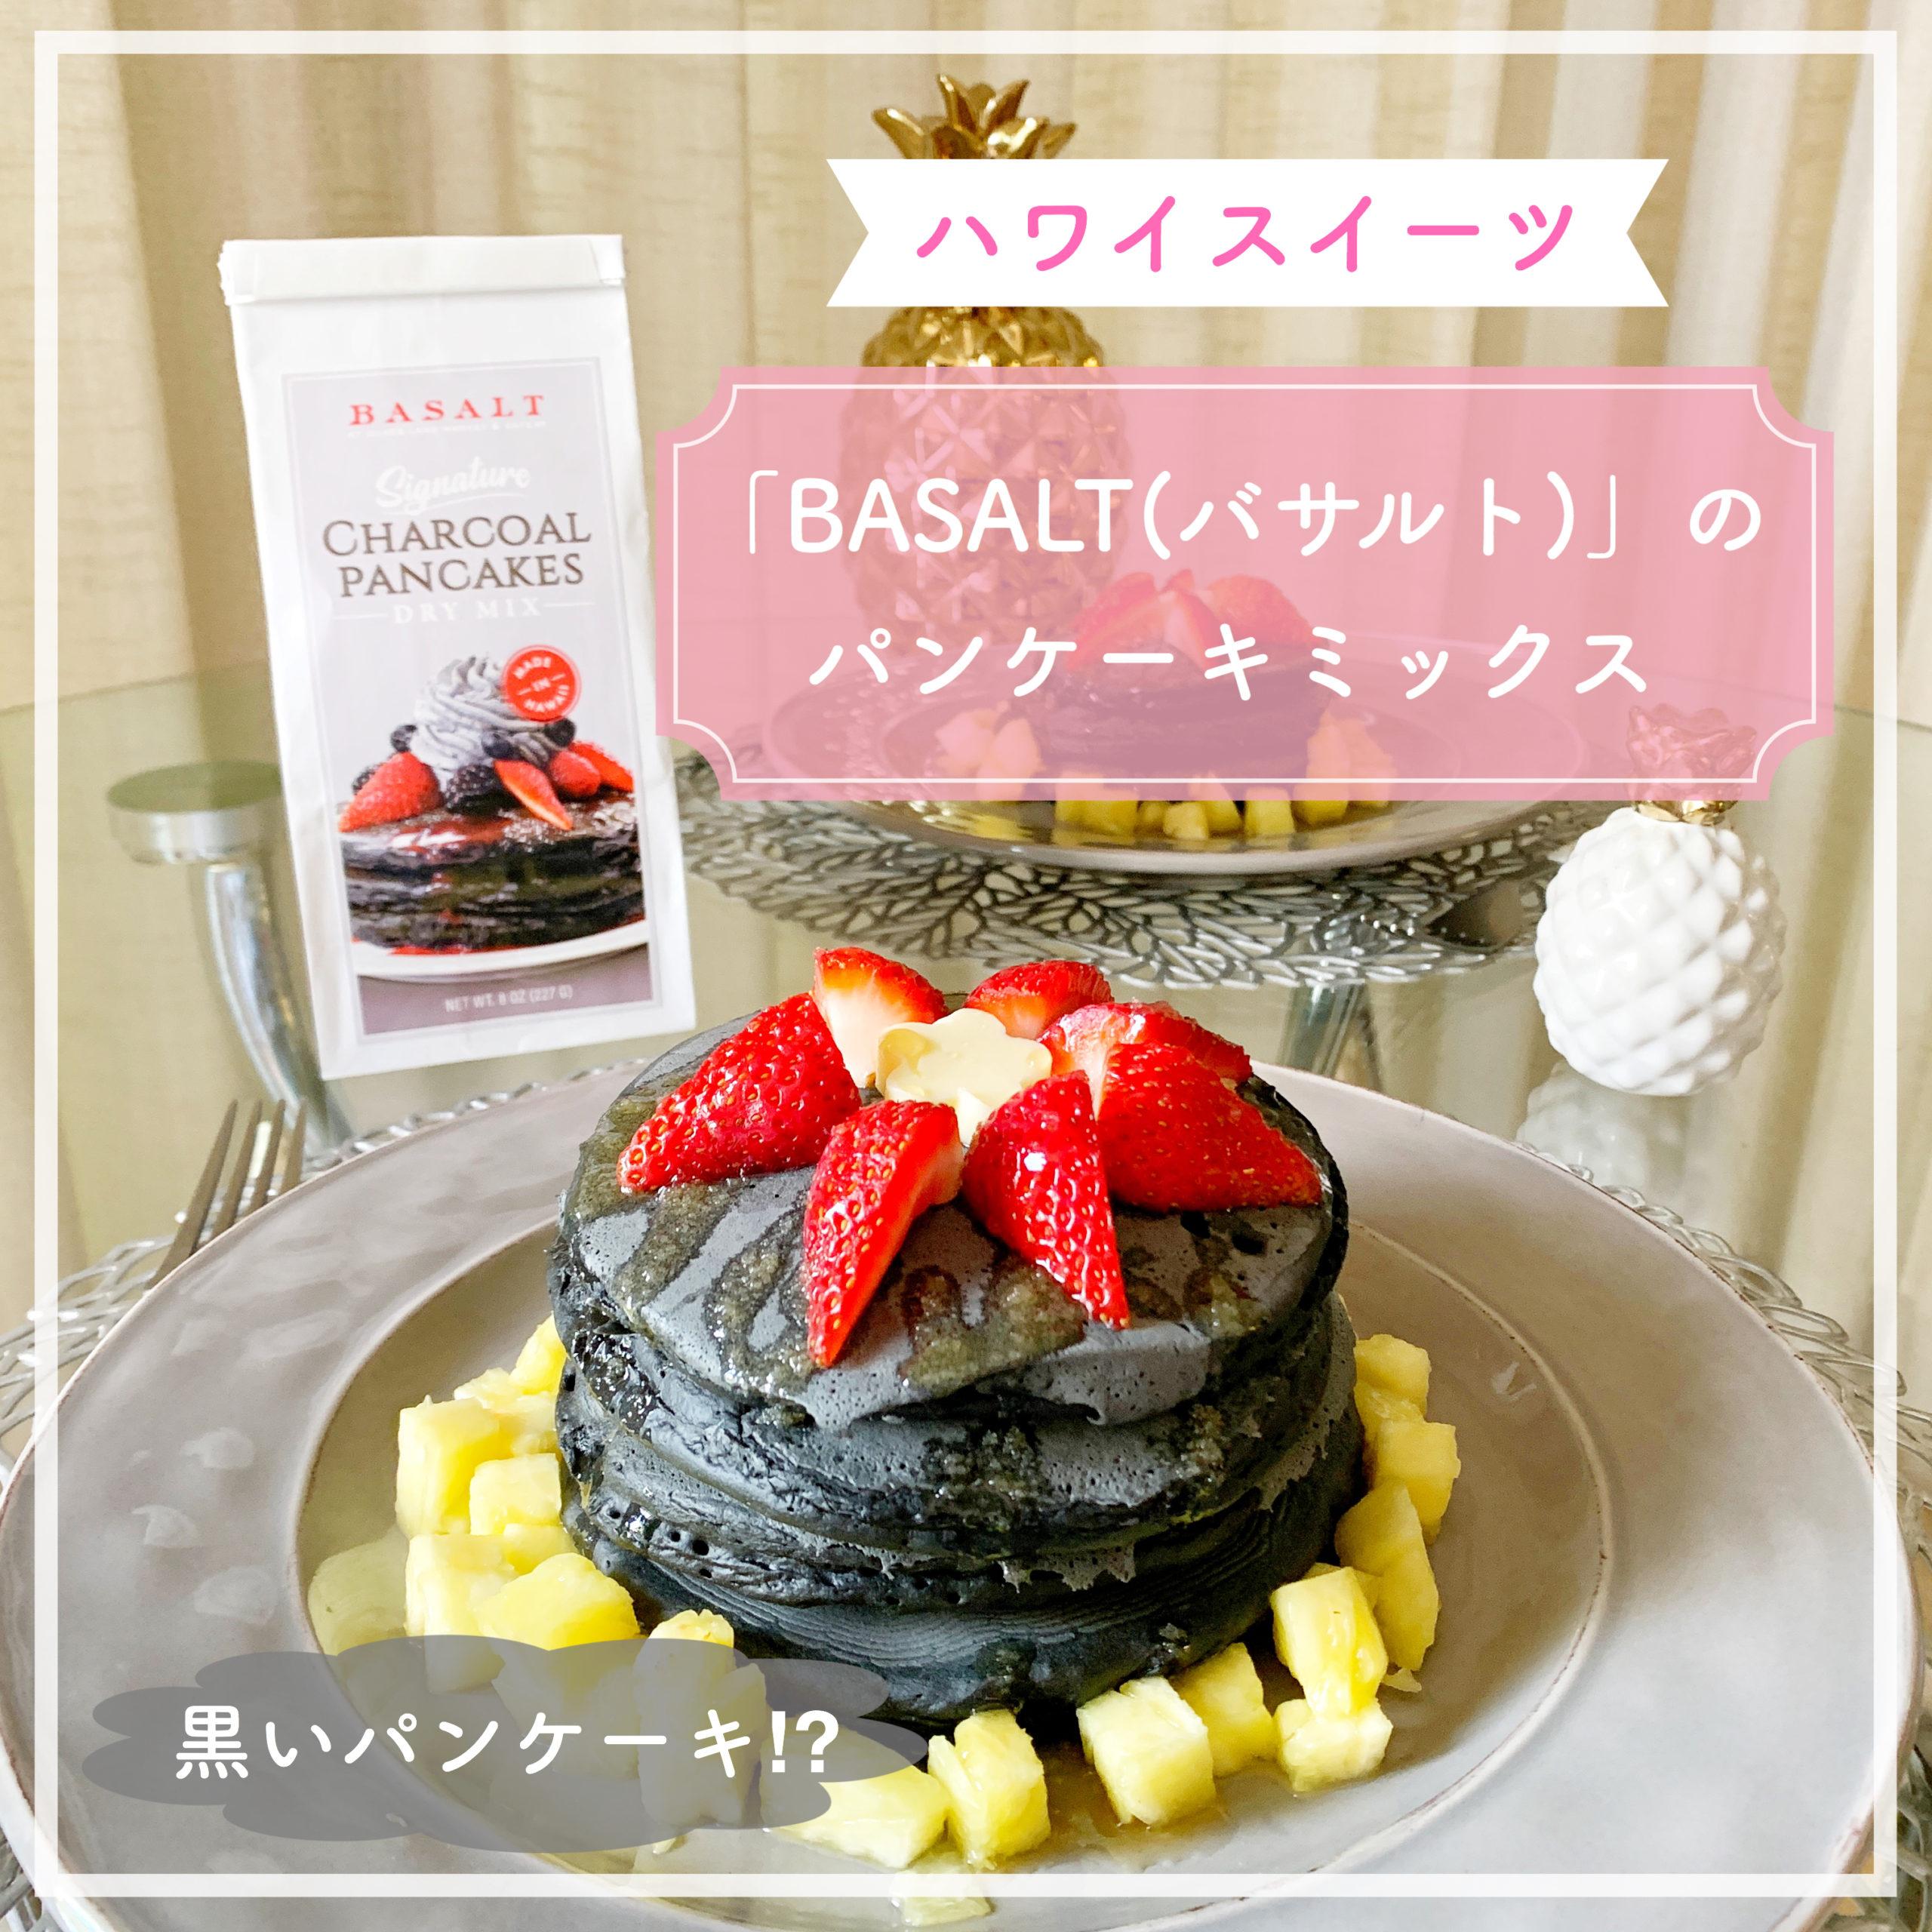 【ハワイスイーツ】「BASALT(バサルト)」黒いチャコールパンケーキミックス【作り方】